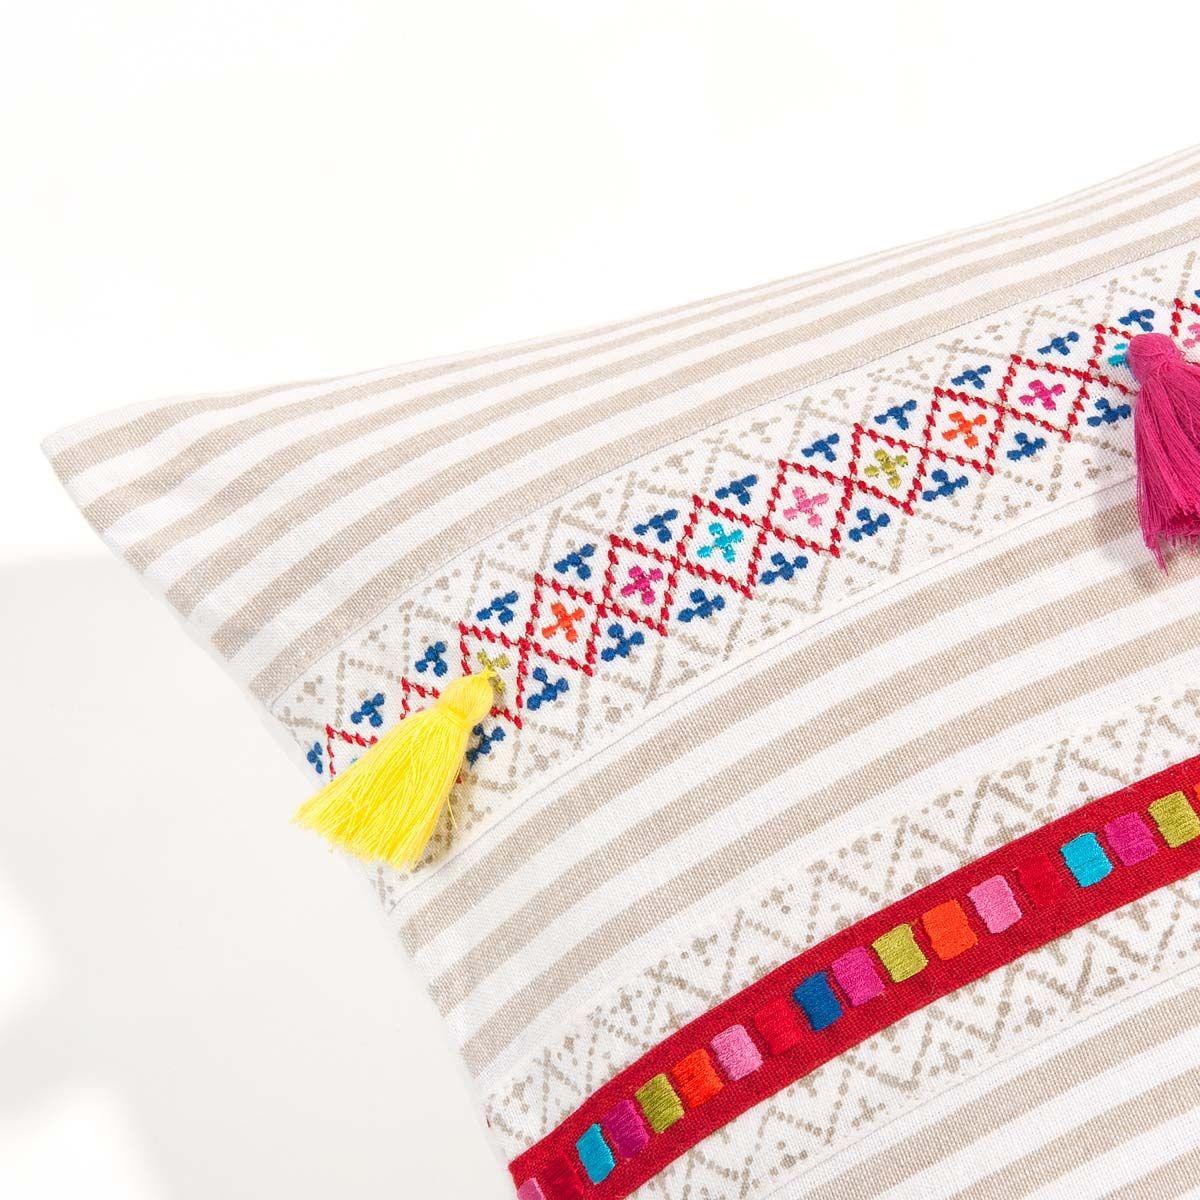 Coussin à pompons multicolores en coton 35 x 50 cm OJAL | Maisons du Monde